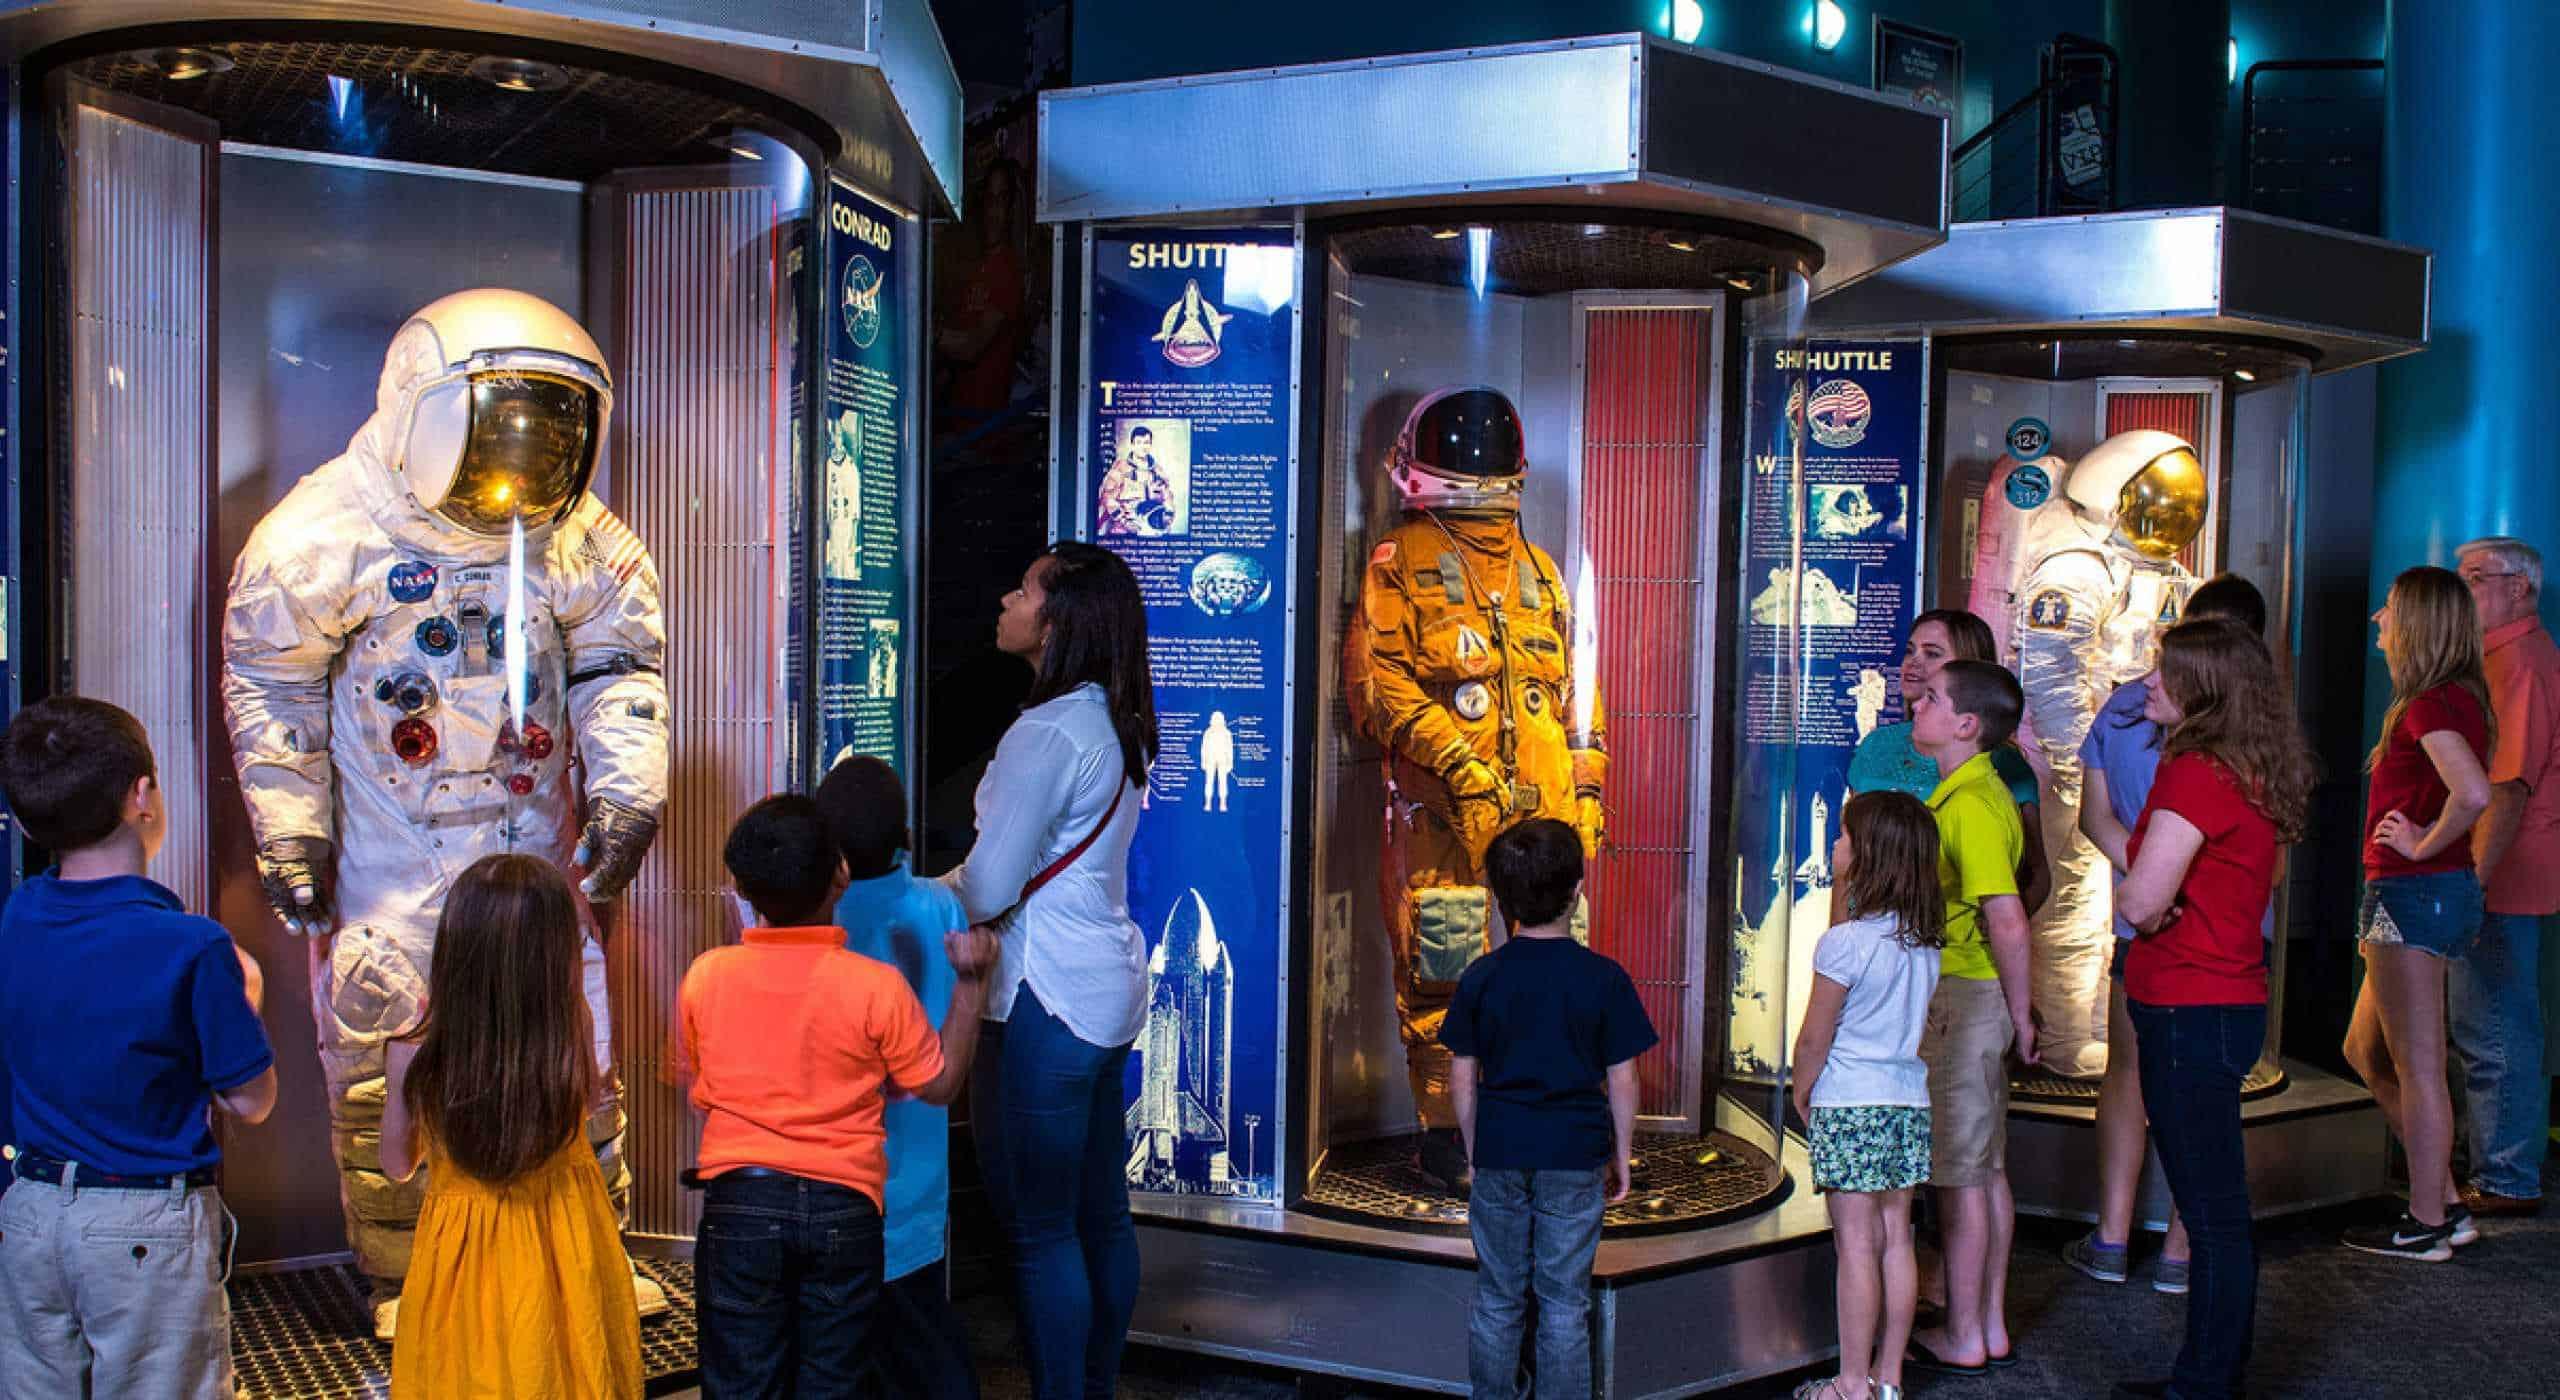 La NASA en Houston. Foto: VisitTheUSA